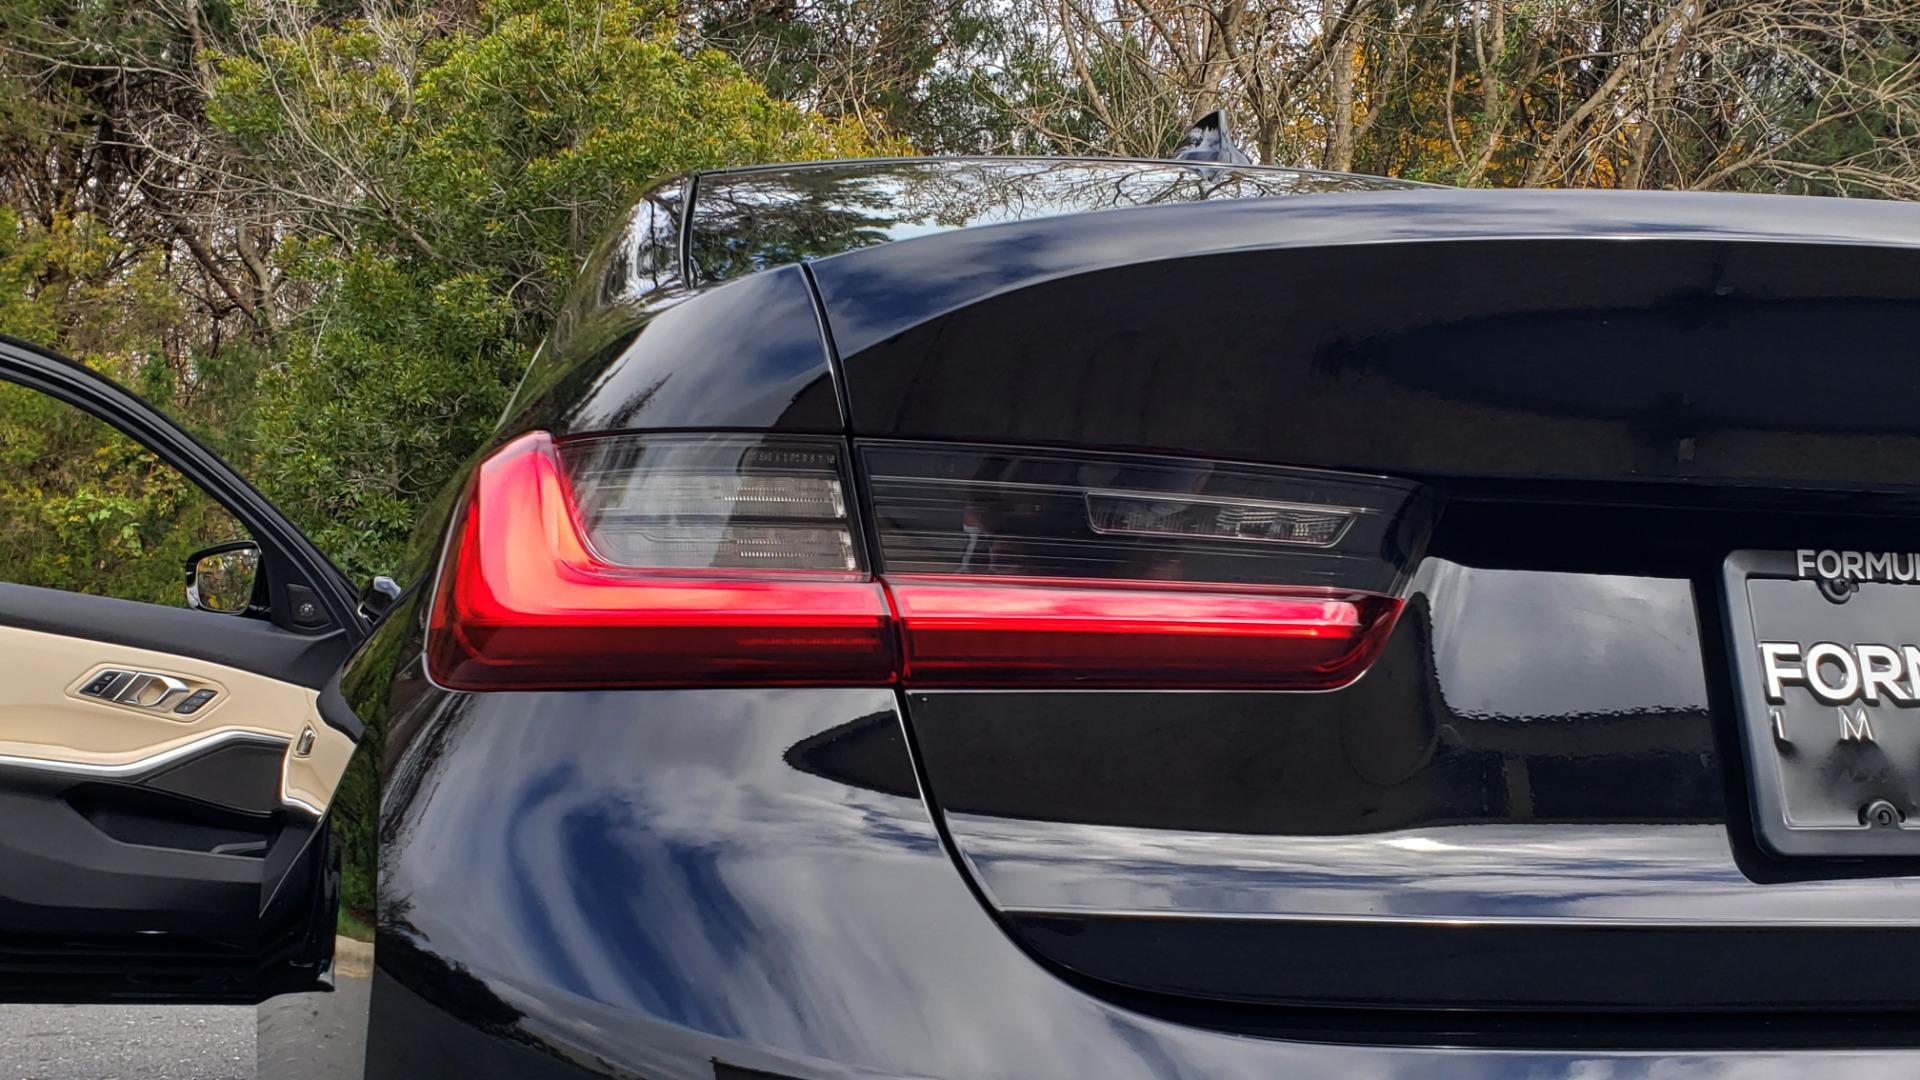 Used 2019 BMW 3 SERIES 330I PREM PKG / NAV / CONV PKG / H&K SND / LIVE COCKPIT PRO for sale Sold at Formula Imports in Charlotte NC 28227 27